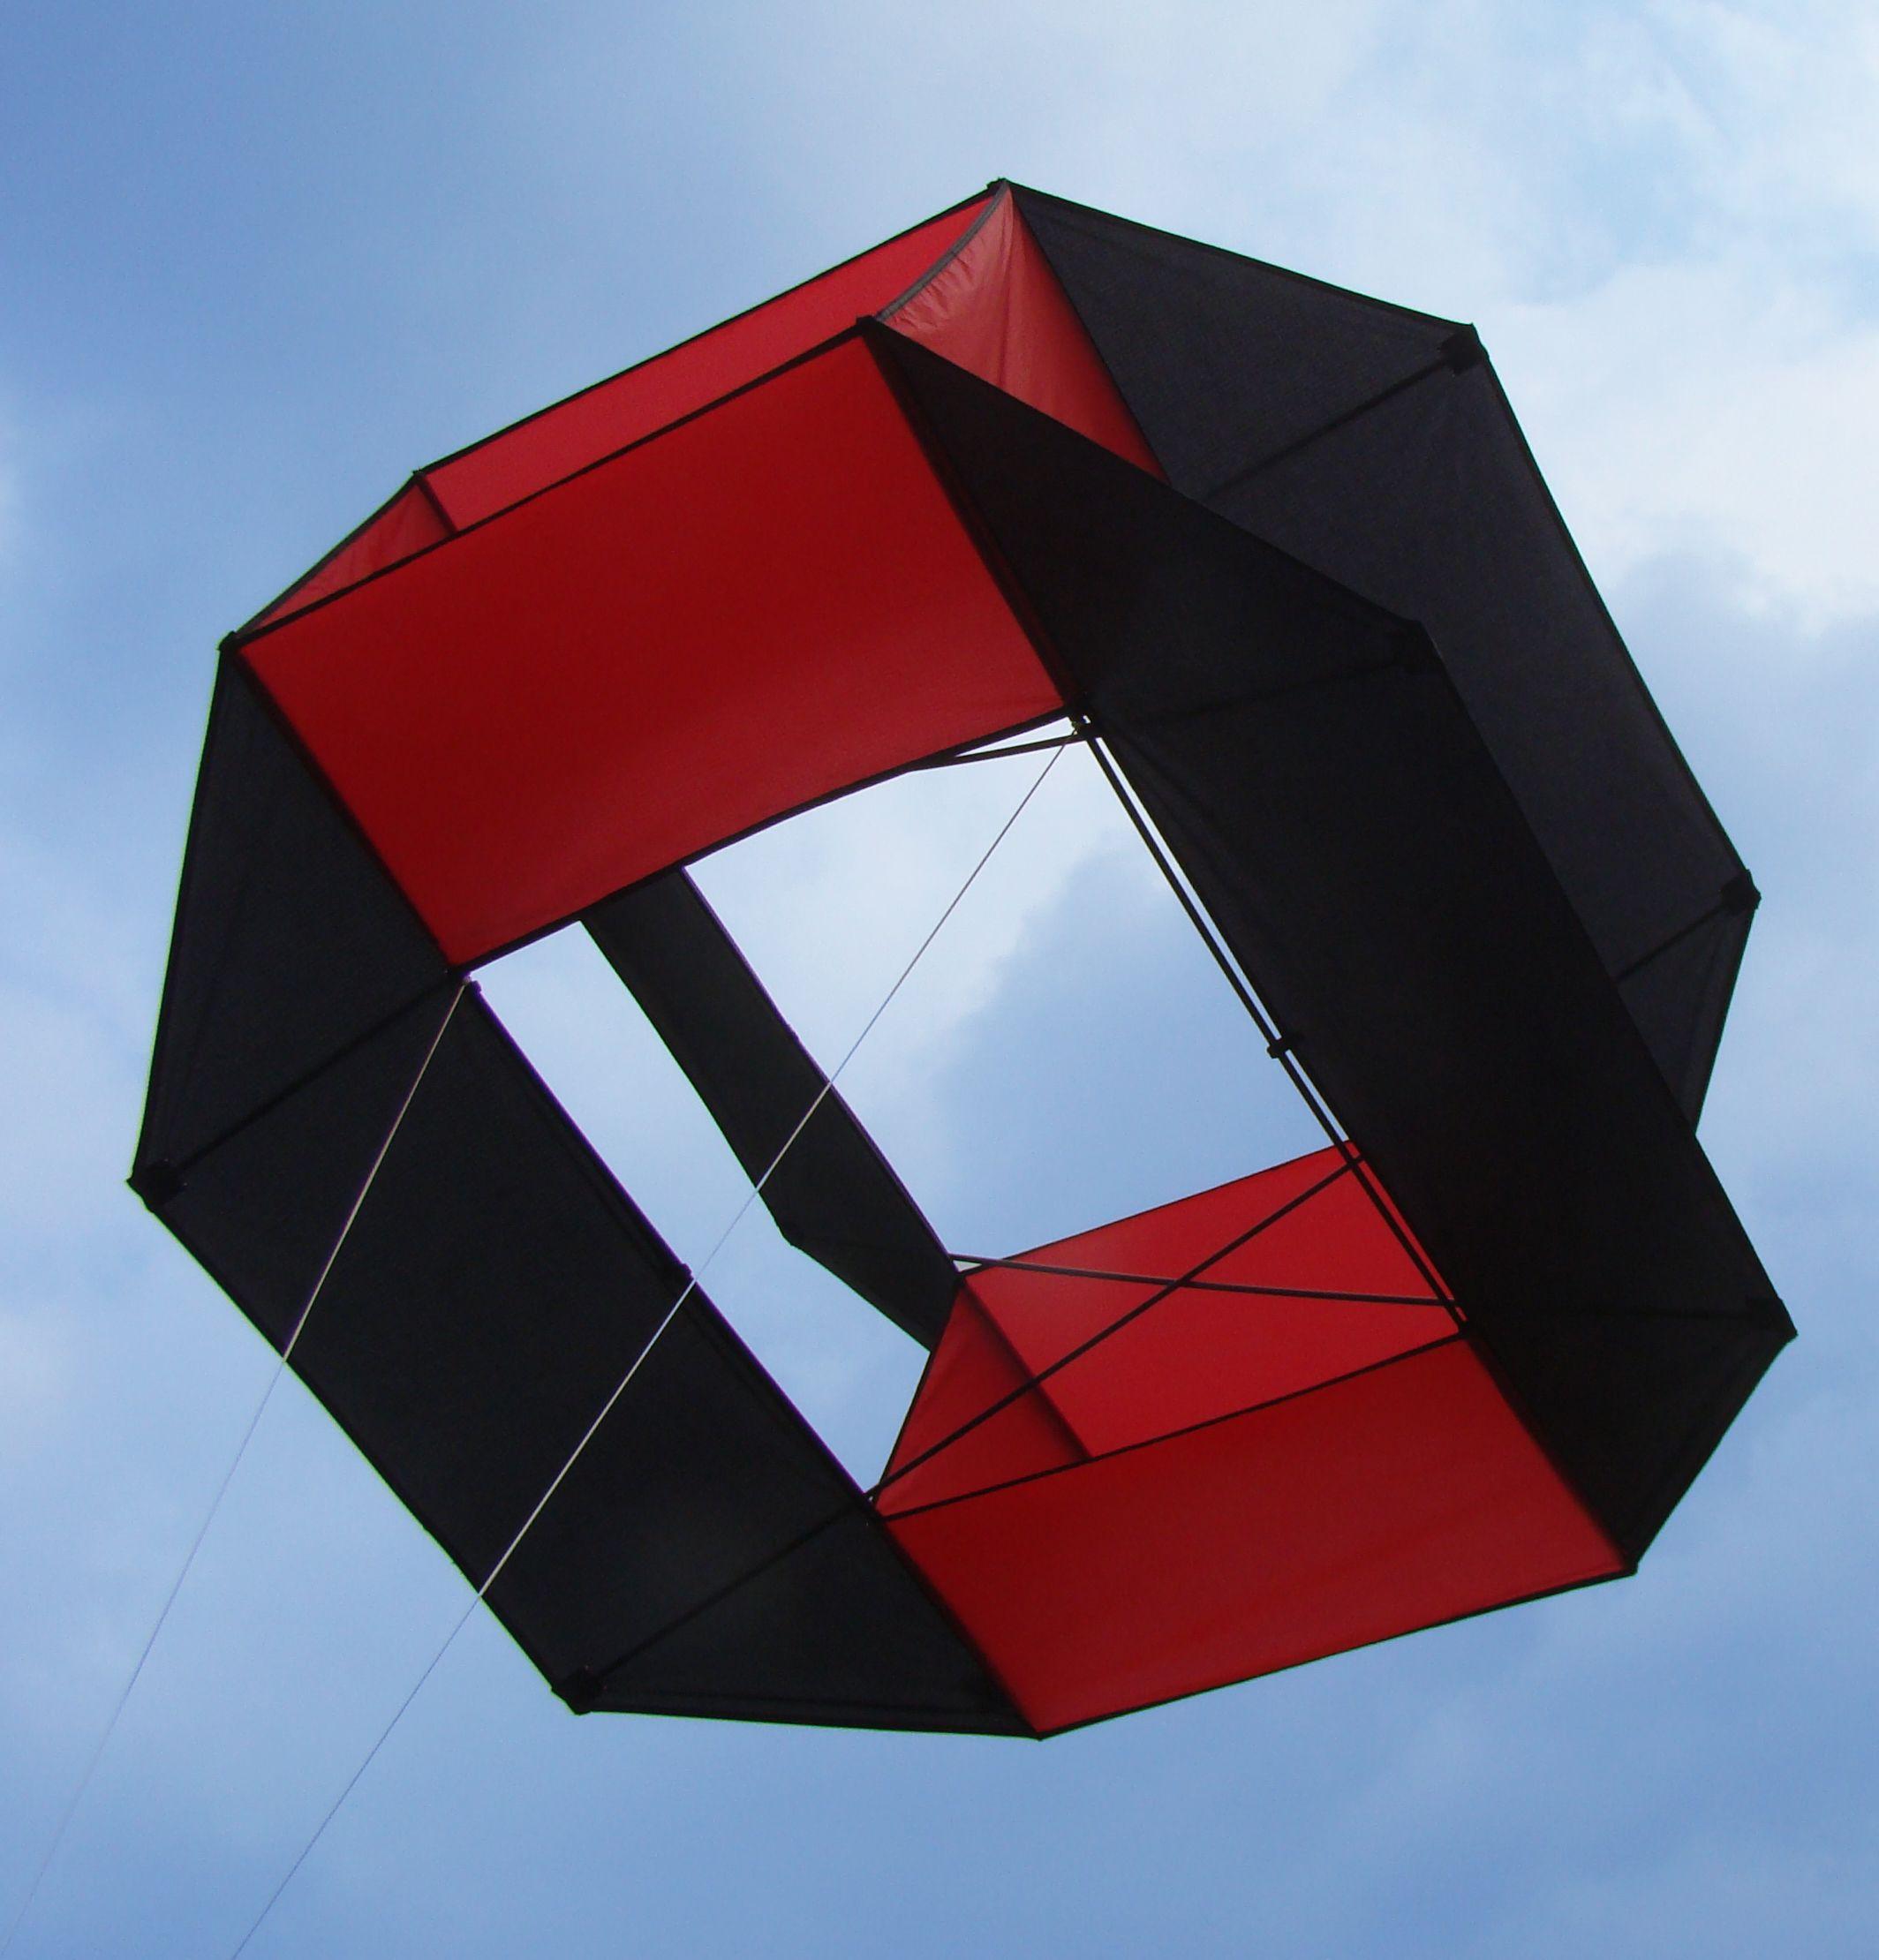 Elliot Octagon Wibo S Kites Vliegers Vlieger